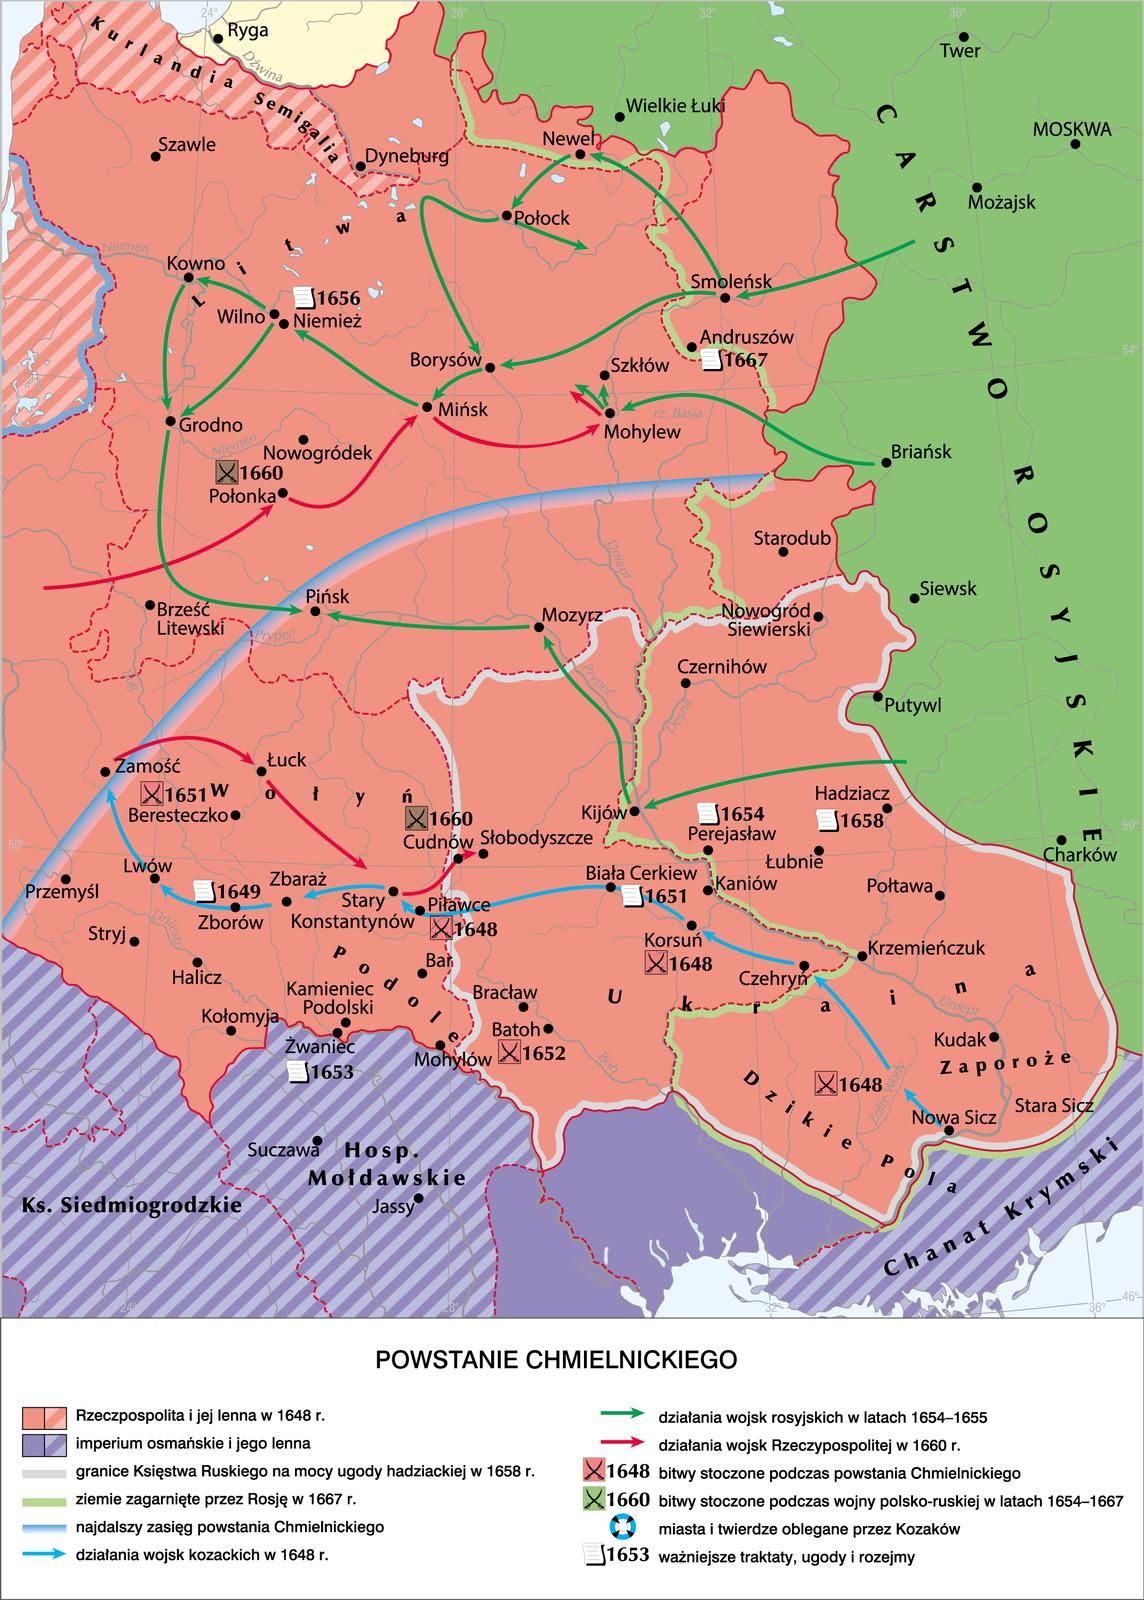 Powstanie Chmielnickiego Powstanie Chmielnickiego Źródło: Krystian Chariza izespół, licencja: CC BY-SA 4.0.